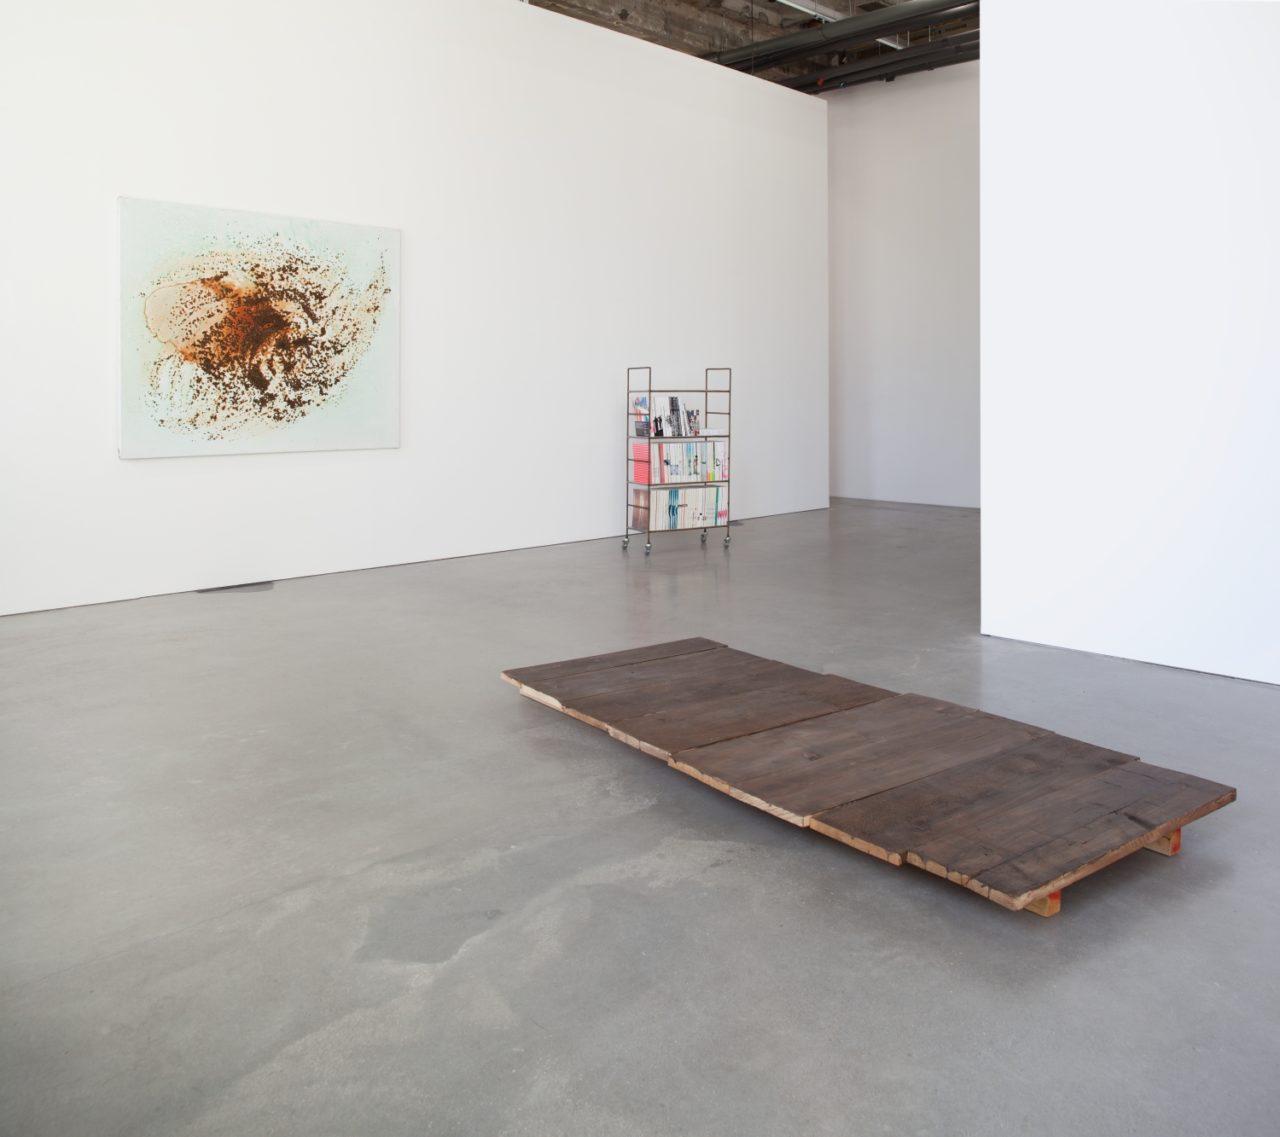 Herold, Haugaard Madsen, West, Zobernig, Installation view